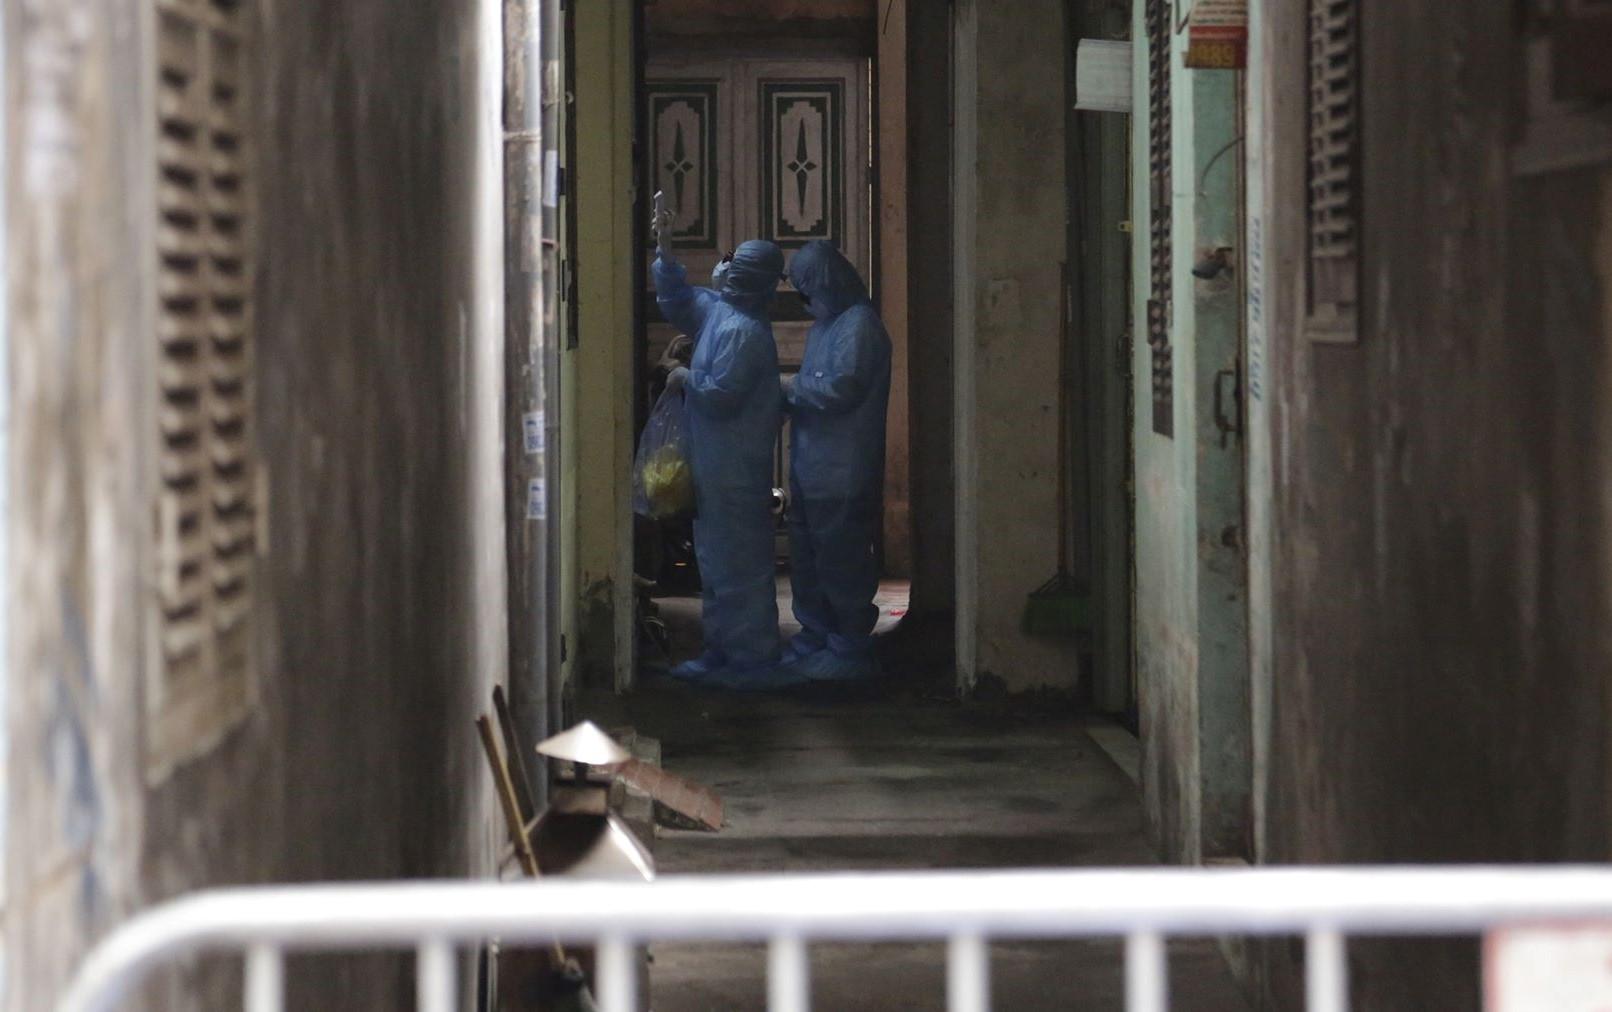 Các nhân viên y tế sẽ tiến hành kiểm tra thân nhiệt cho người dân ngày 2 lần. Nhu yếu phẩm cũng được đưa vào tận nhà theo đúng tiêu chuẩn của thành phố.